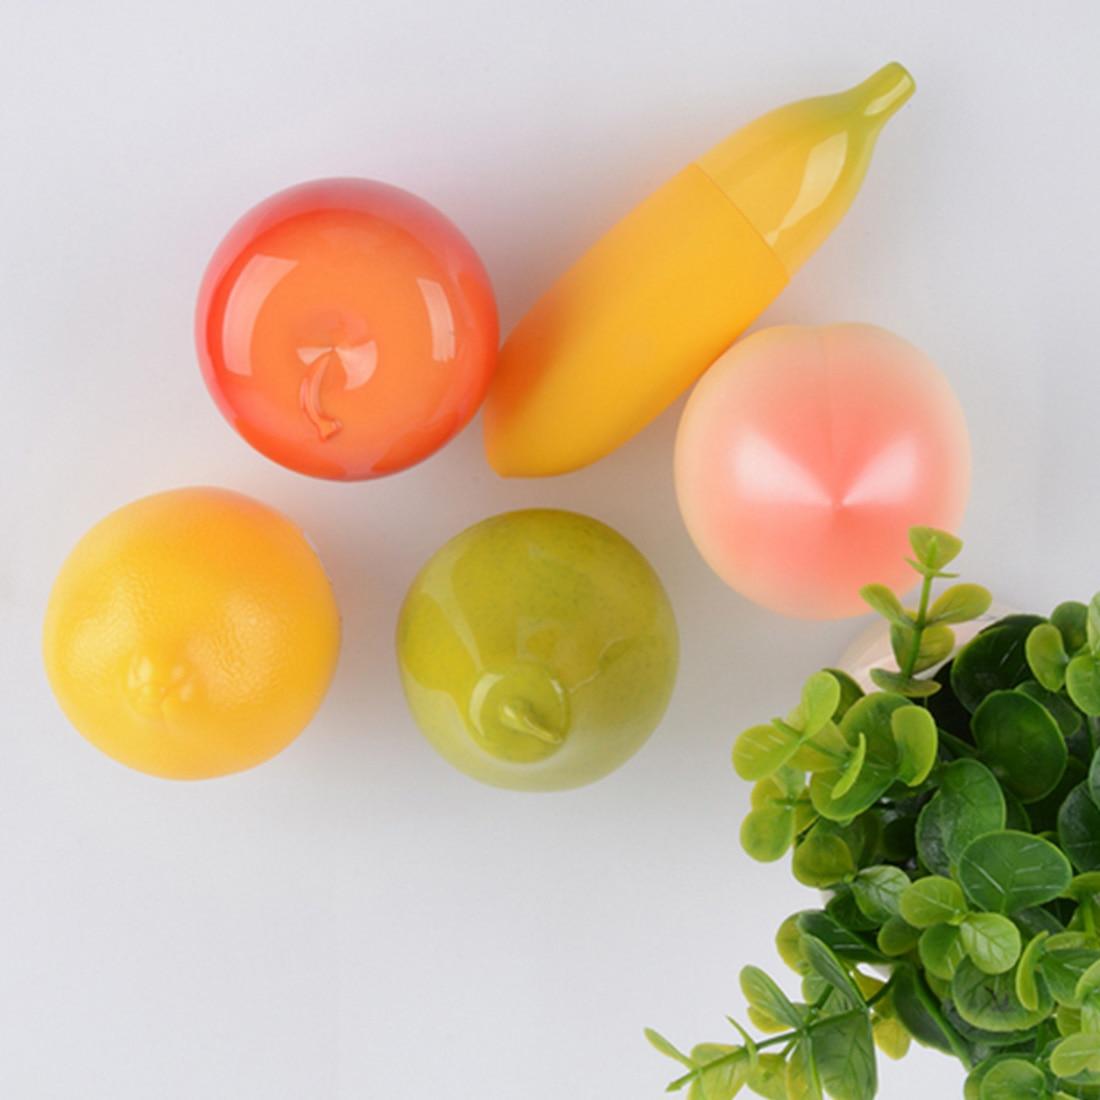 косметика из фруктов купить